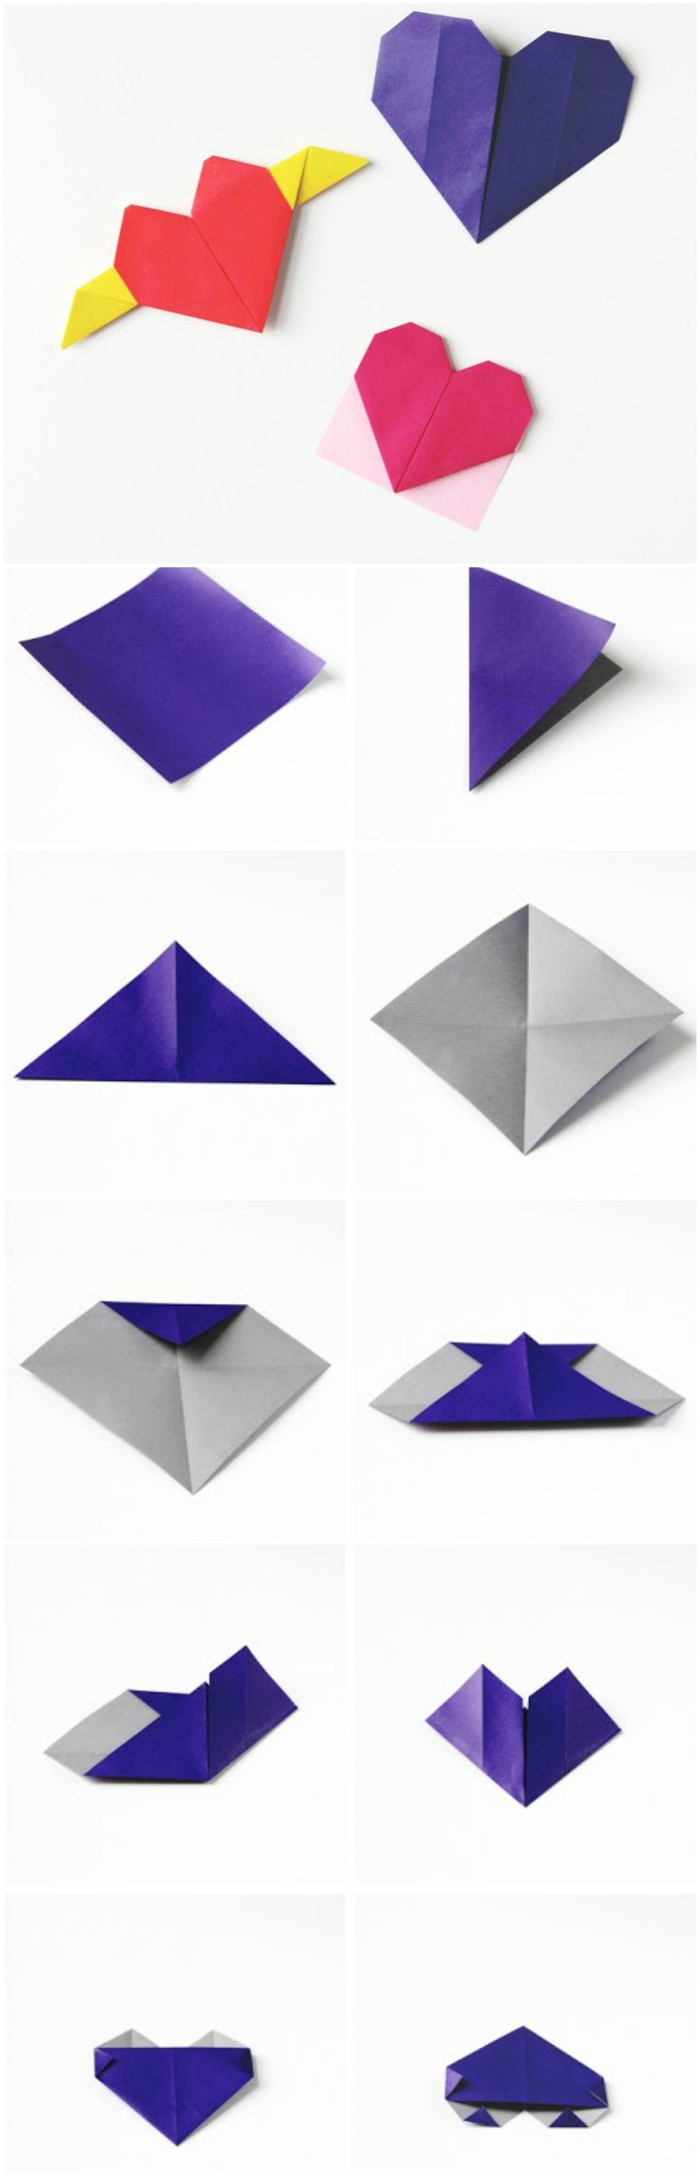 trois façons de réaliser un coeur origami décoratif avec les étapes de pliage papier en photos